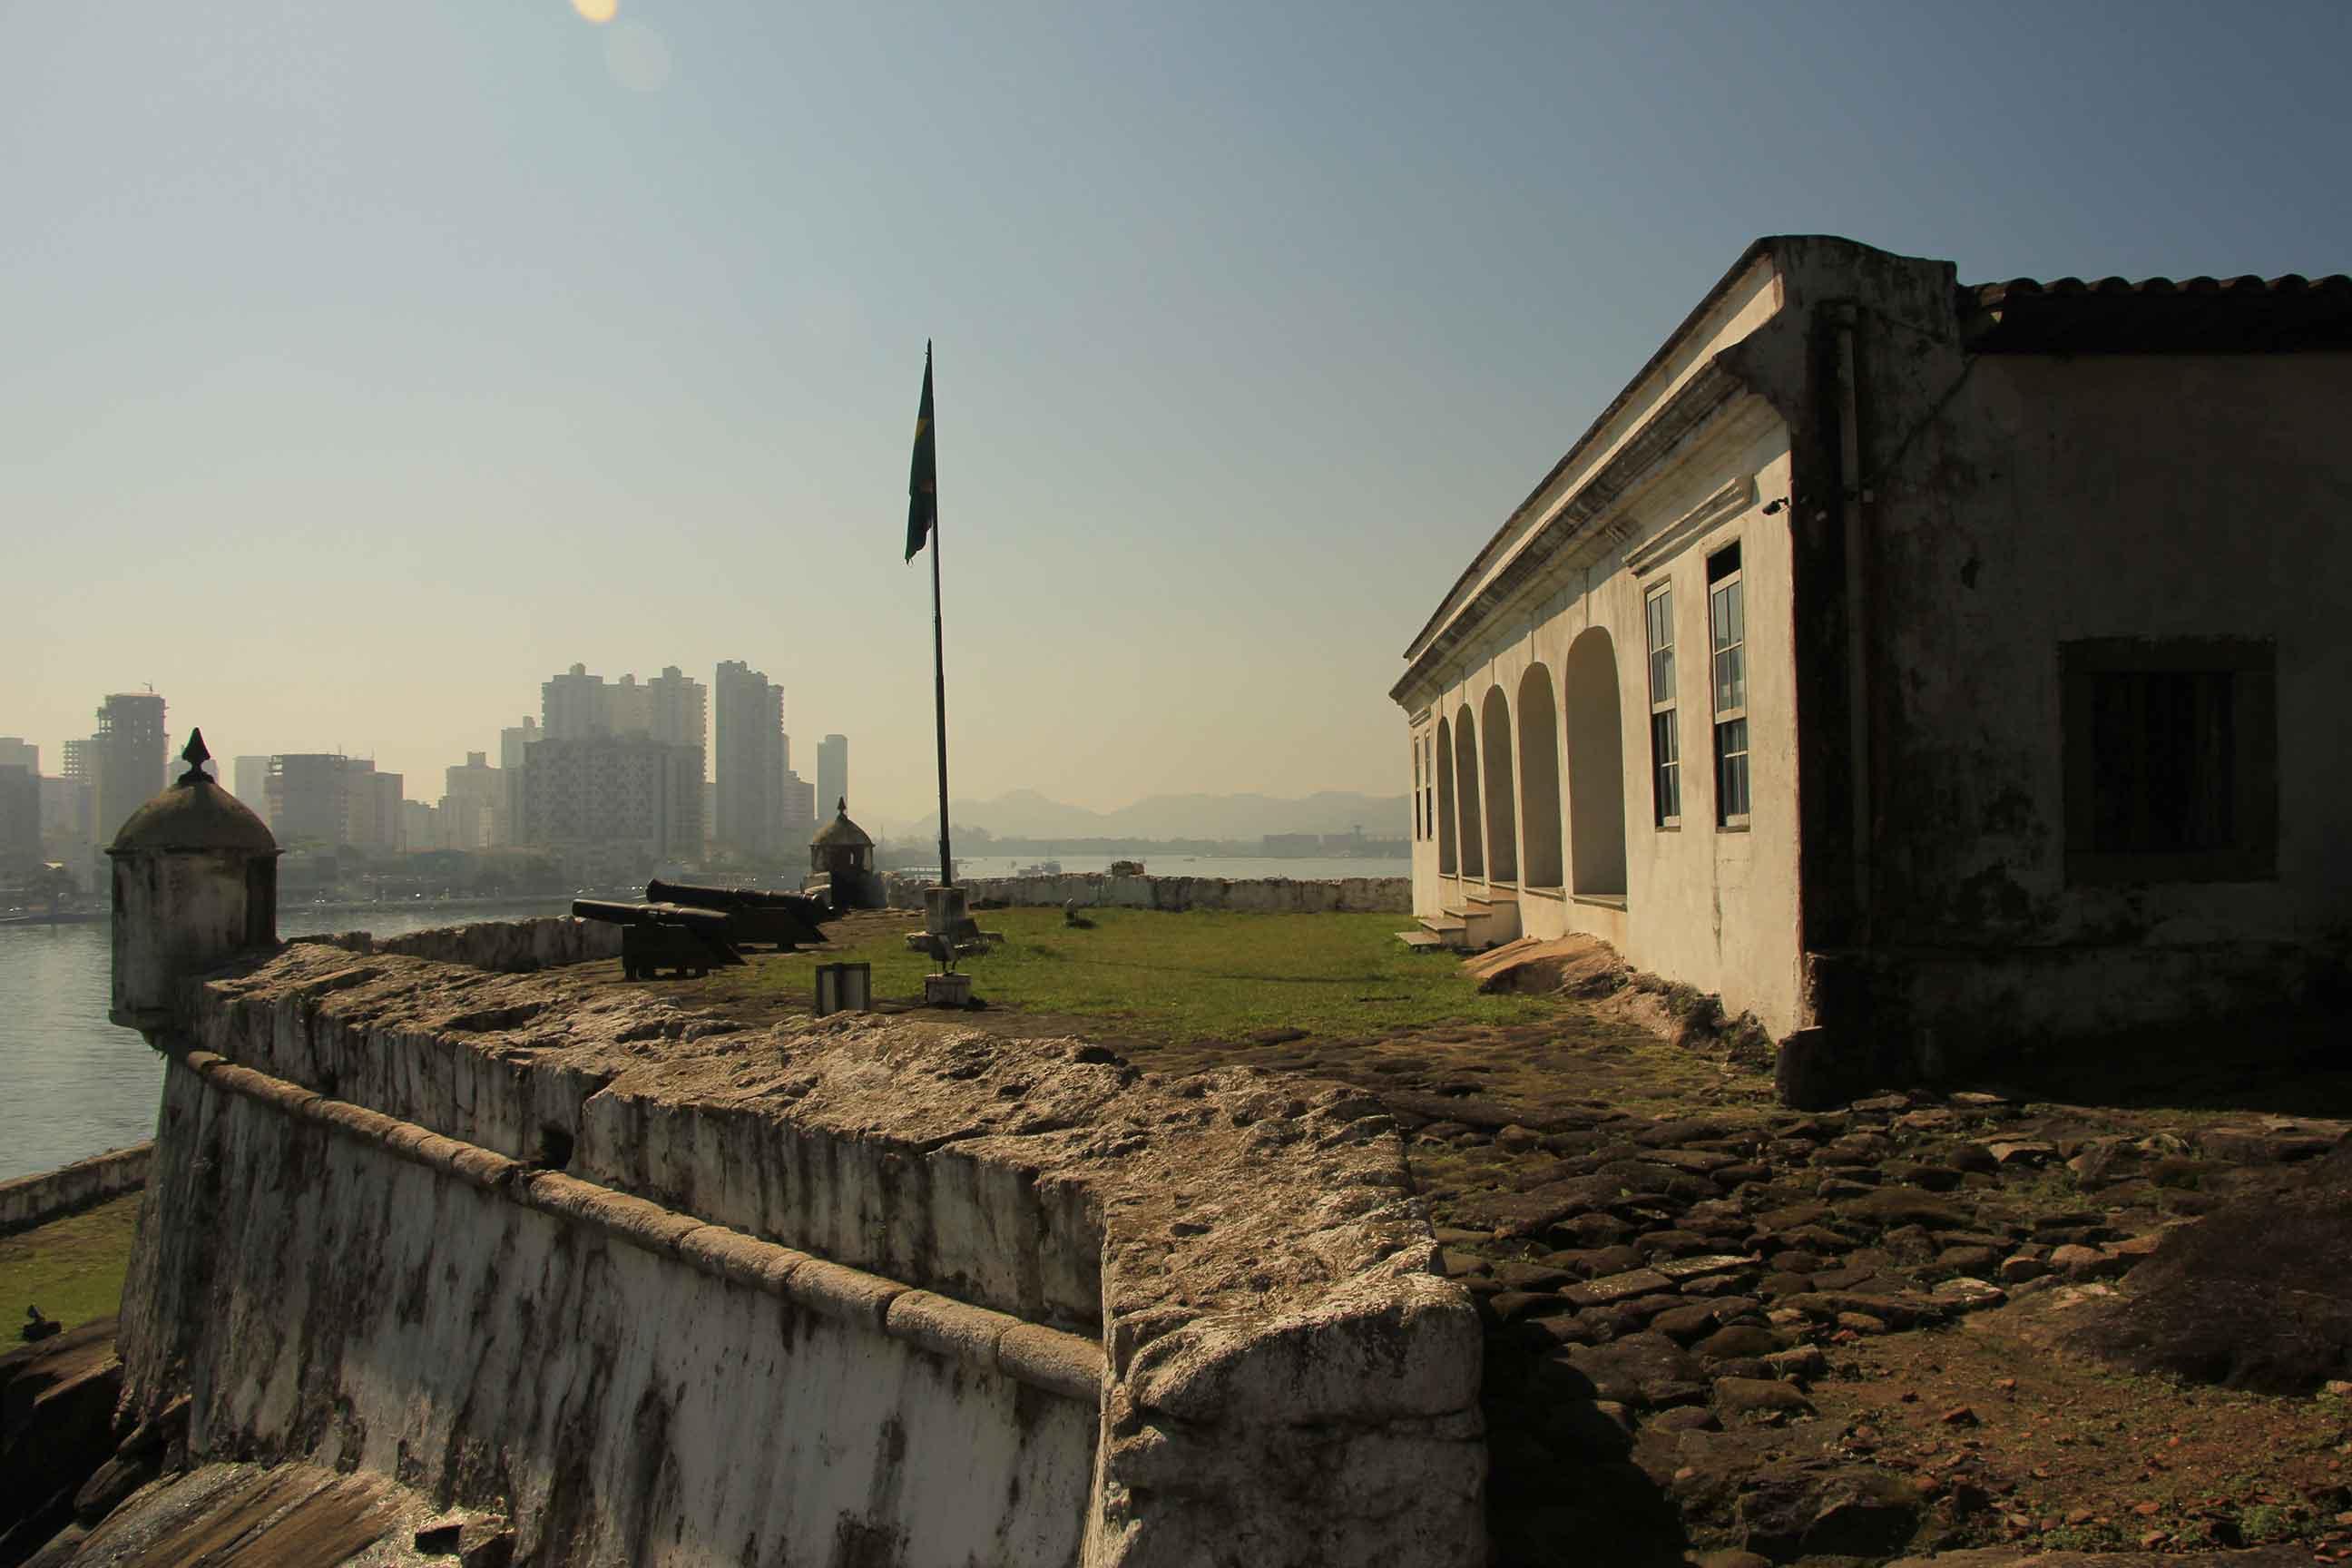 Guaruja-Historia-Fortaleza-fortaleza-da-barra-grande-MMasulino- IMG_3512-bx